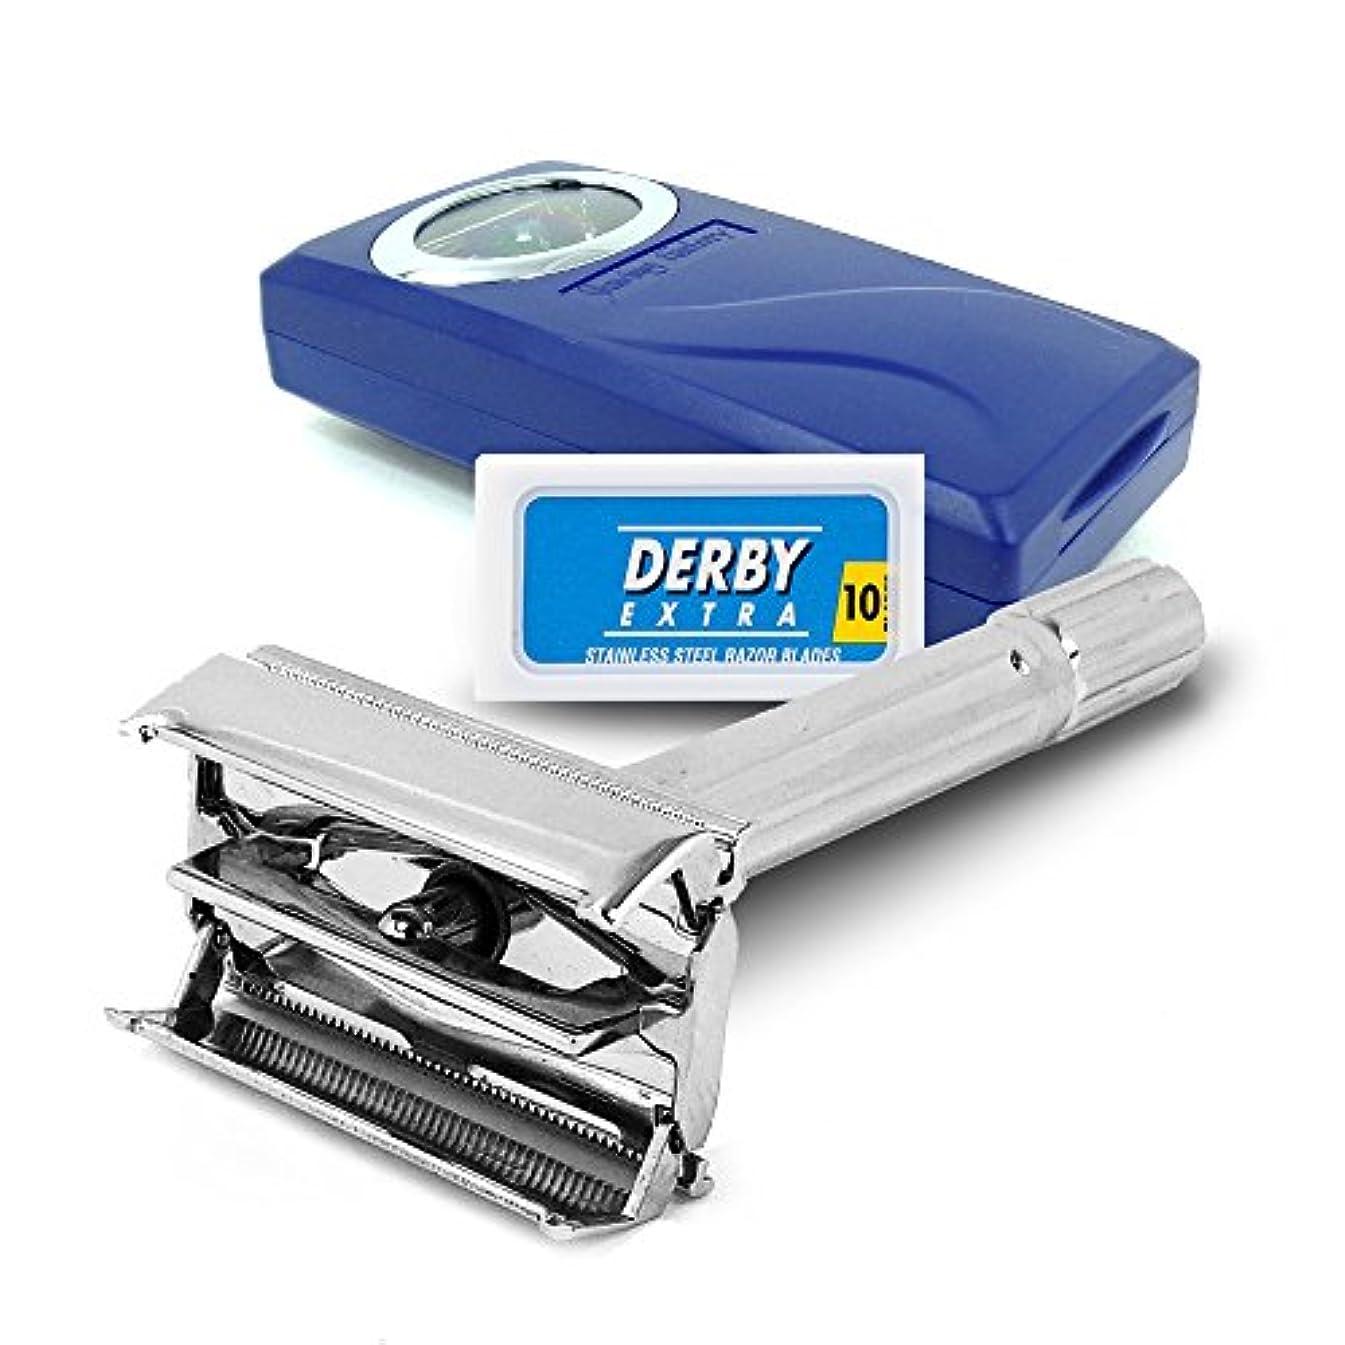 モンスターオリエンテーションレタスSF120−シェービングファクトリー 安全剃刀両刃ホルダー、ダービーエキストラ剃刀両刃 男性へのご贈答に